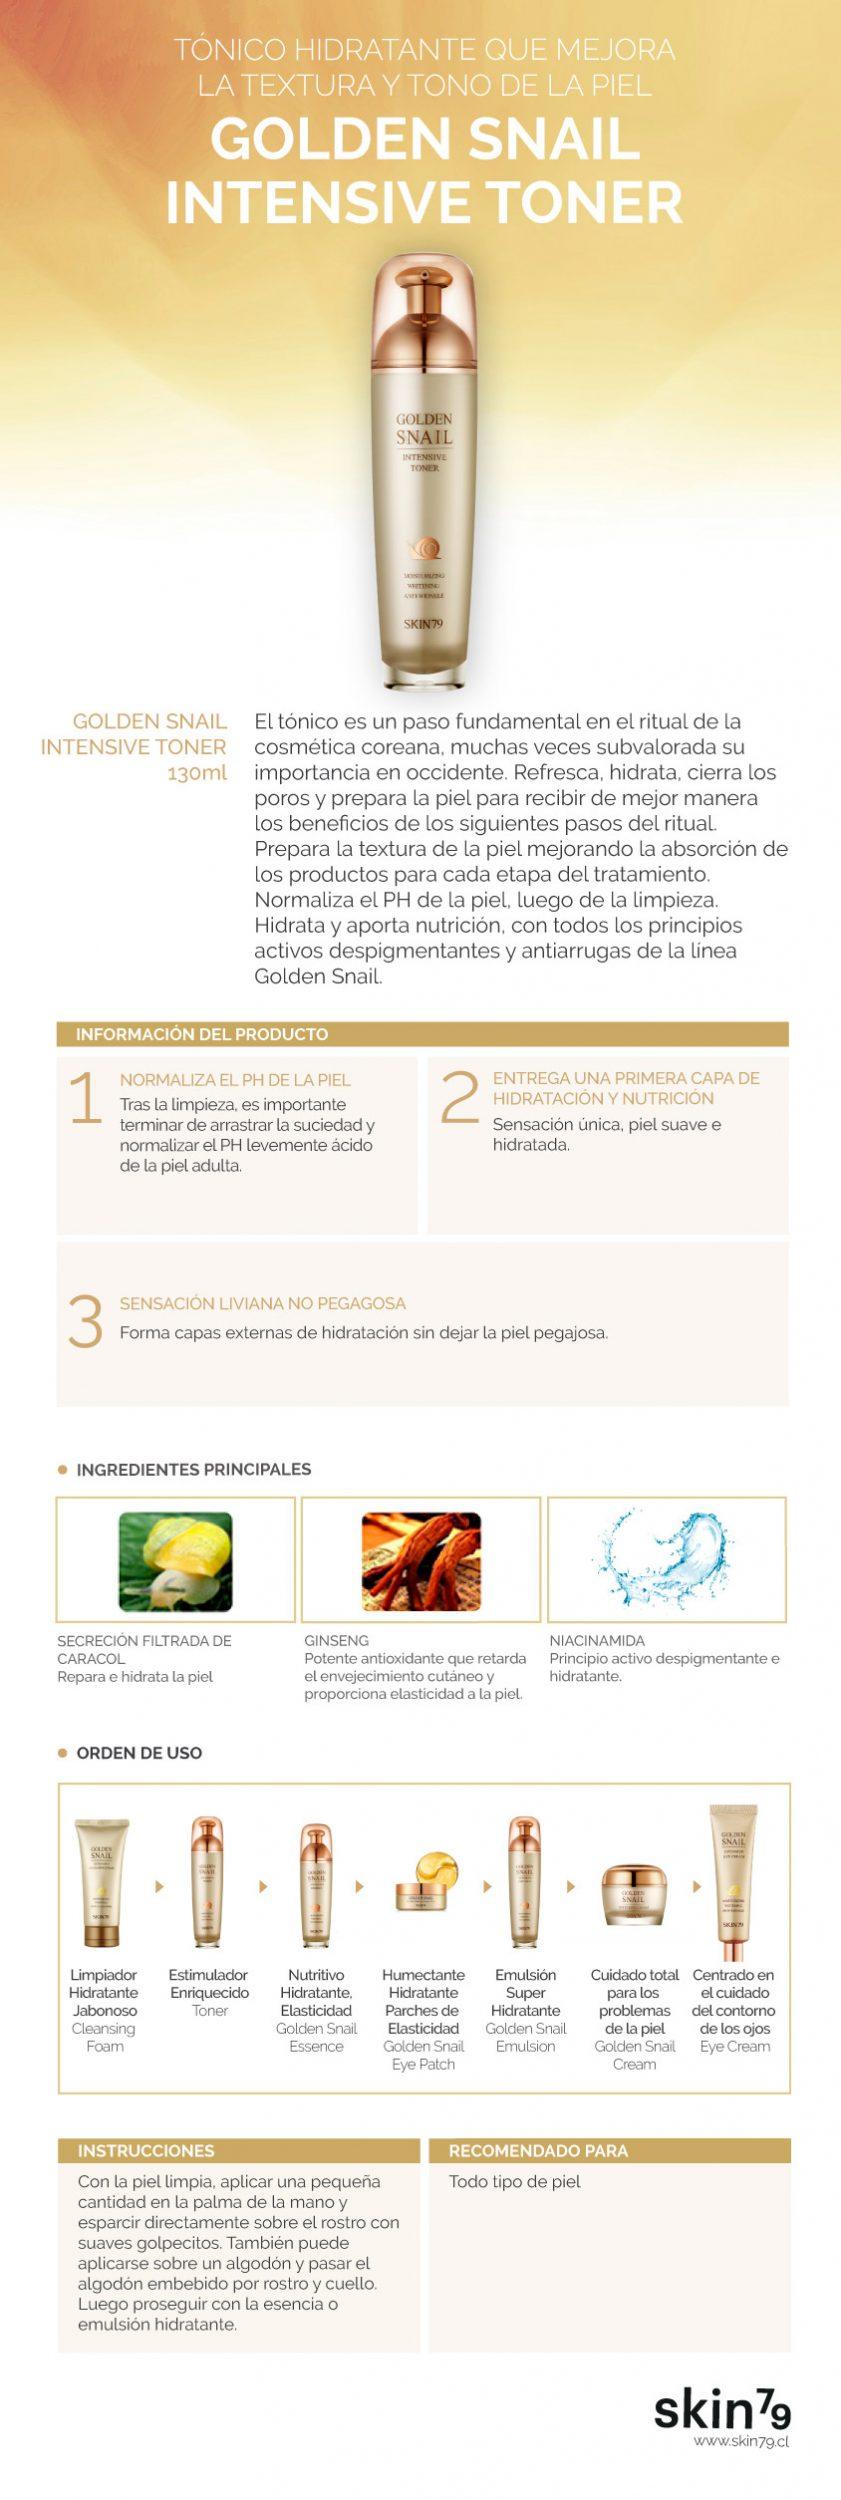 Golden Snail Intensive Toner - Skin79